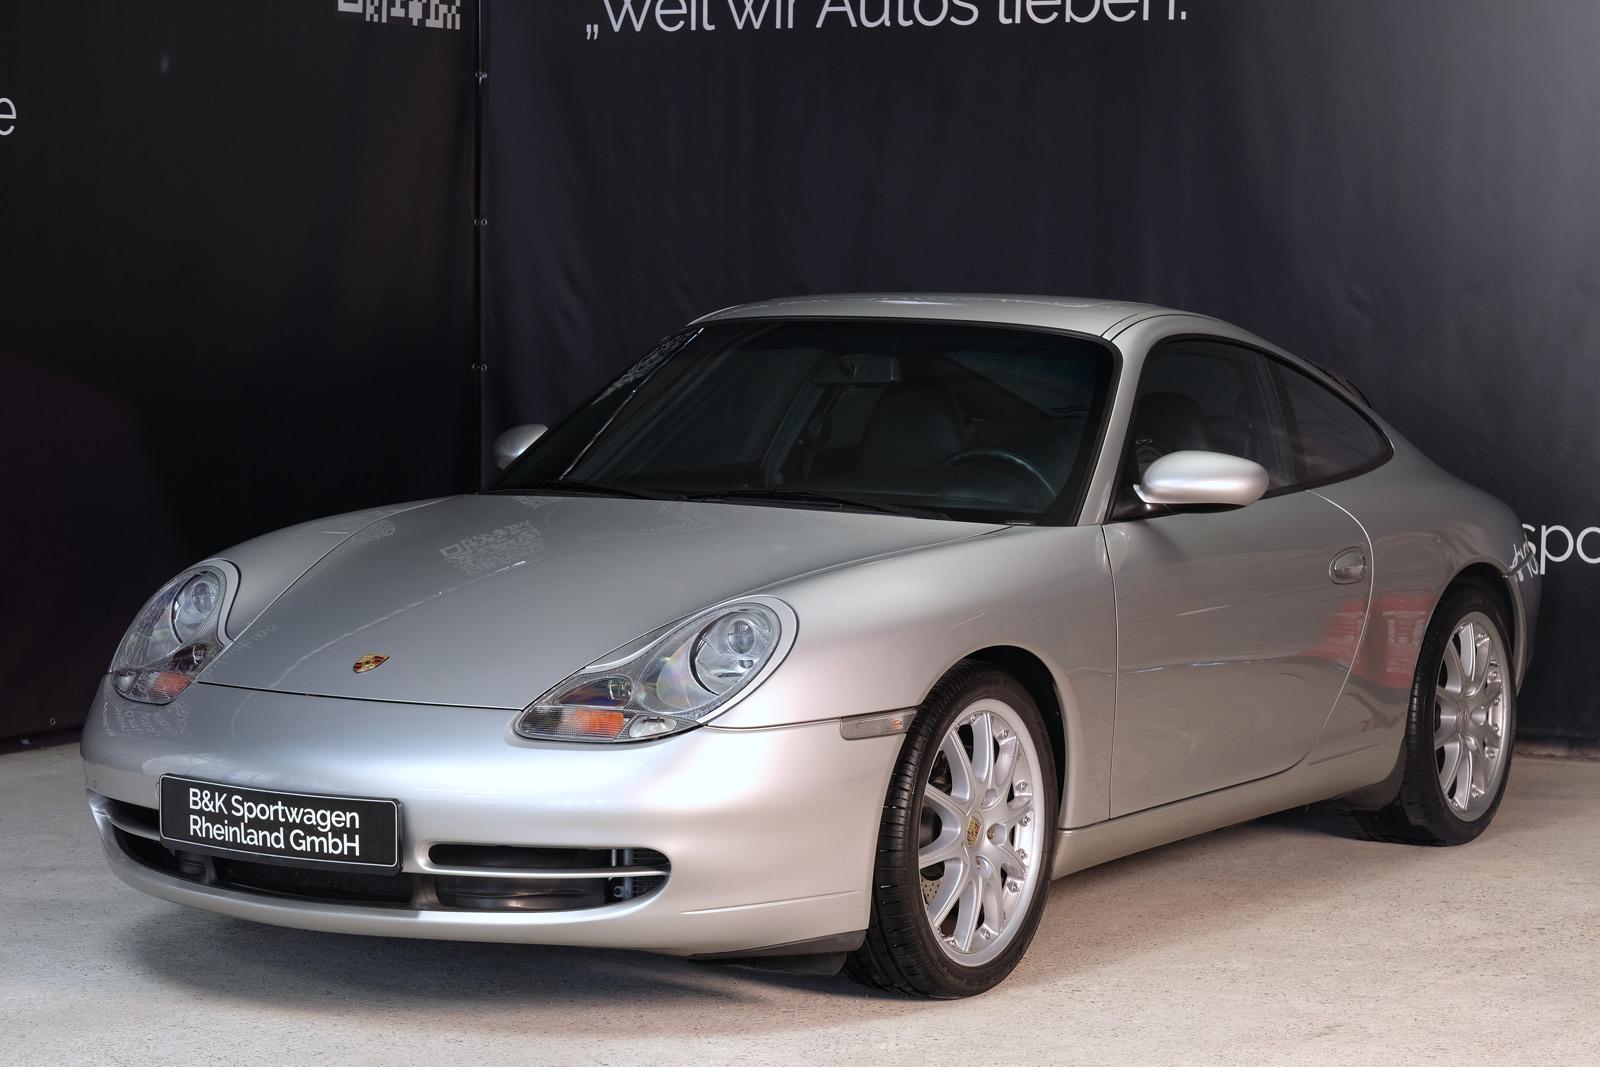 Porsche_911_996_carrera_2_coupe_silber